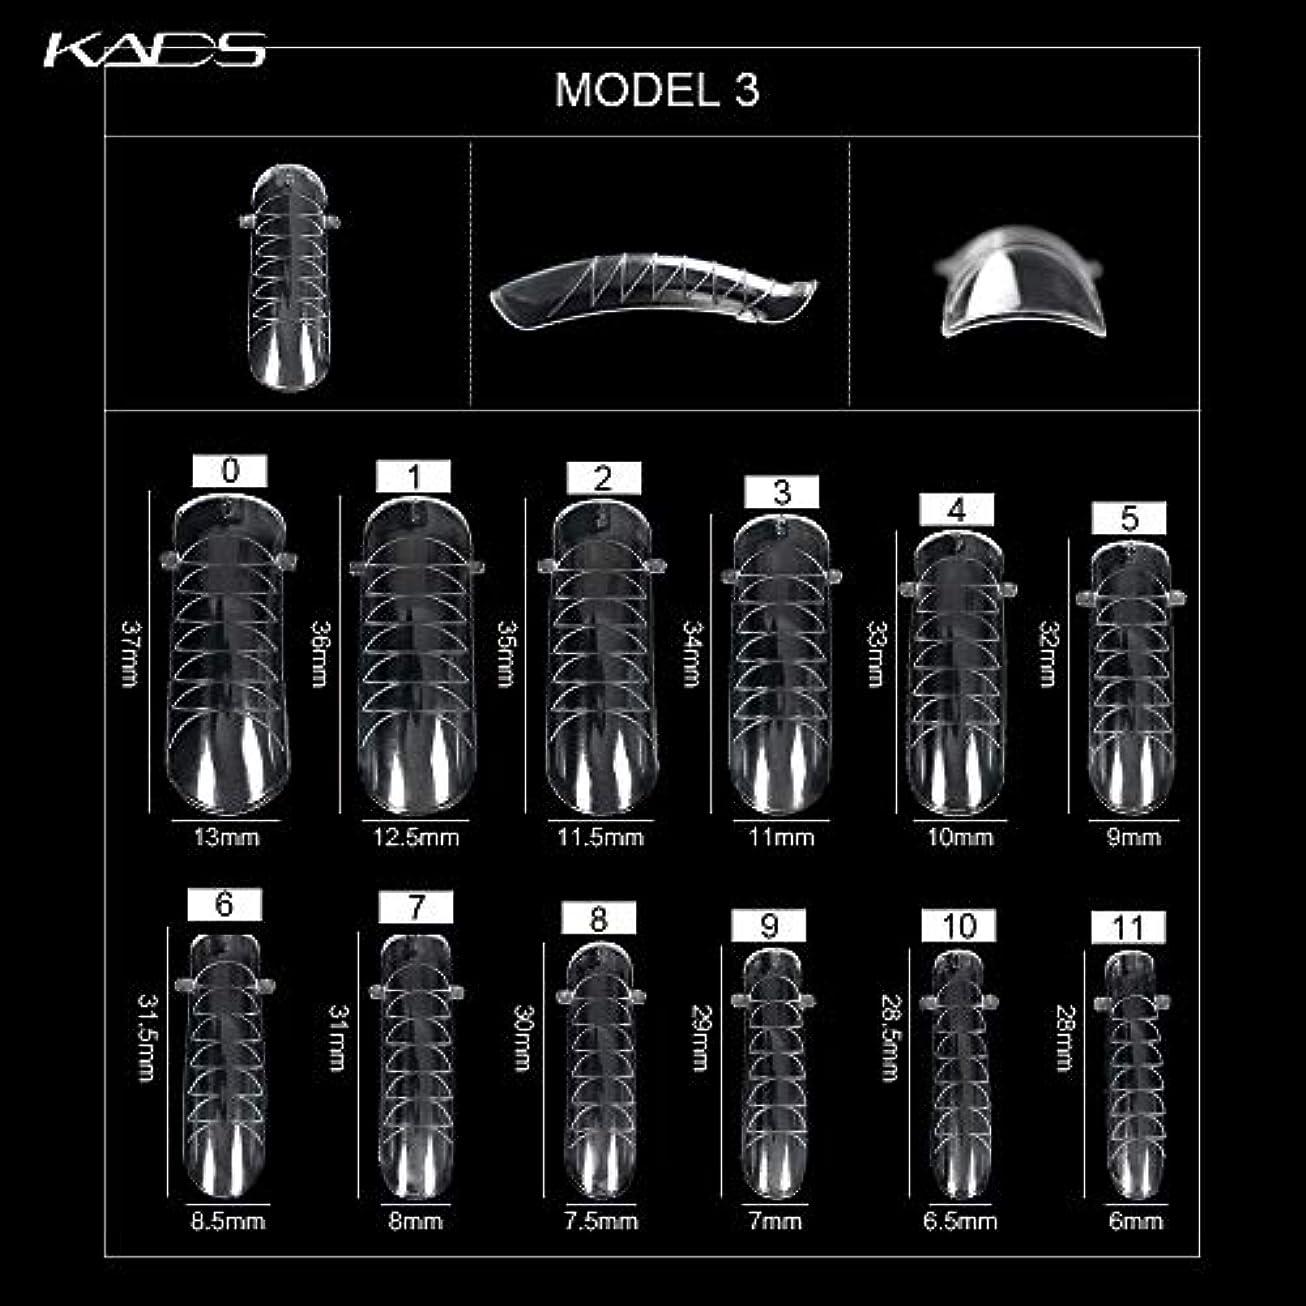 謙虚な勇者脈拍KADS ネイルチップ 12サイズ/10PCS デュアルネイルフォーム UVジェルアクリルネイルアート 無地 透明 (サイズ3)